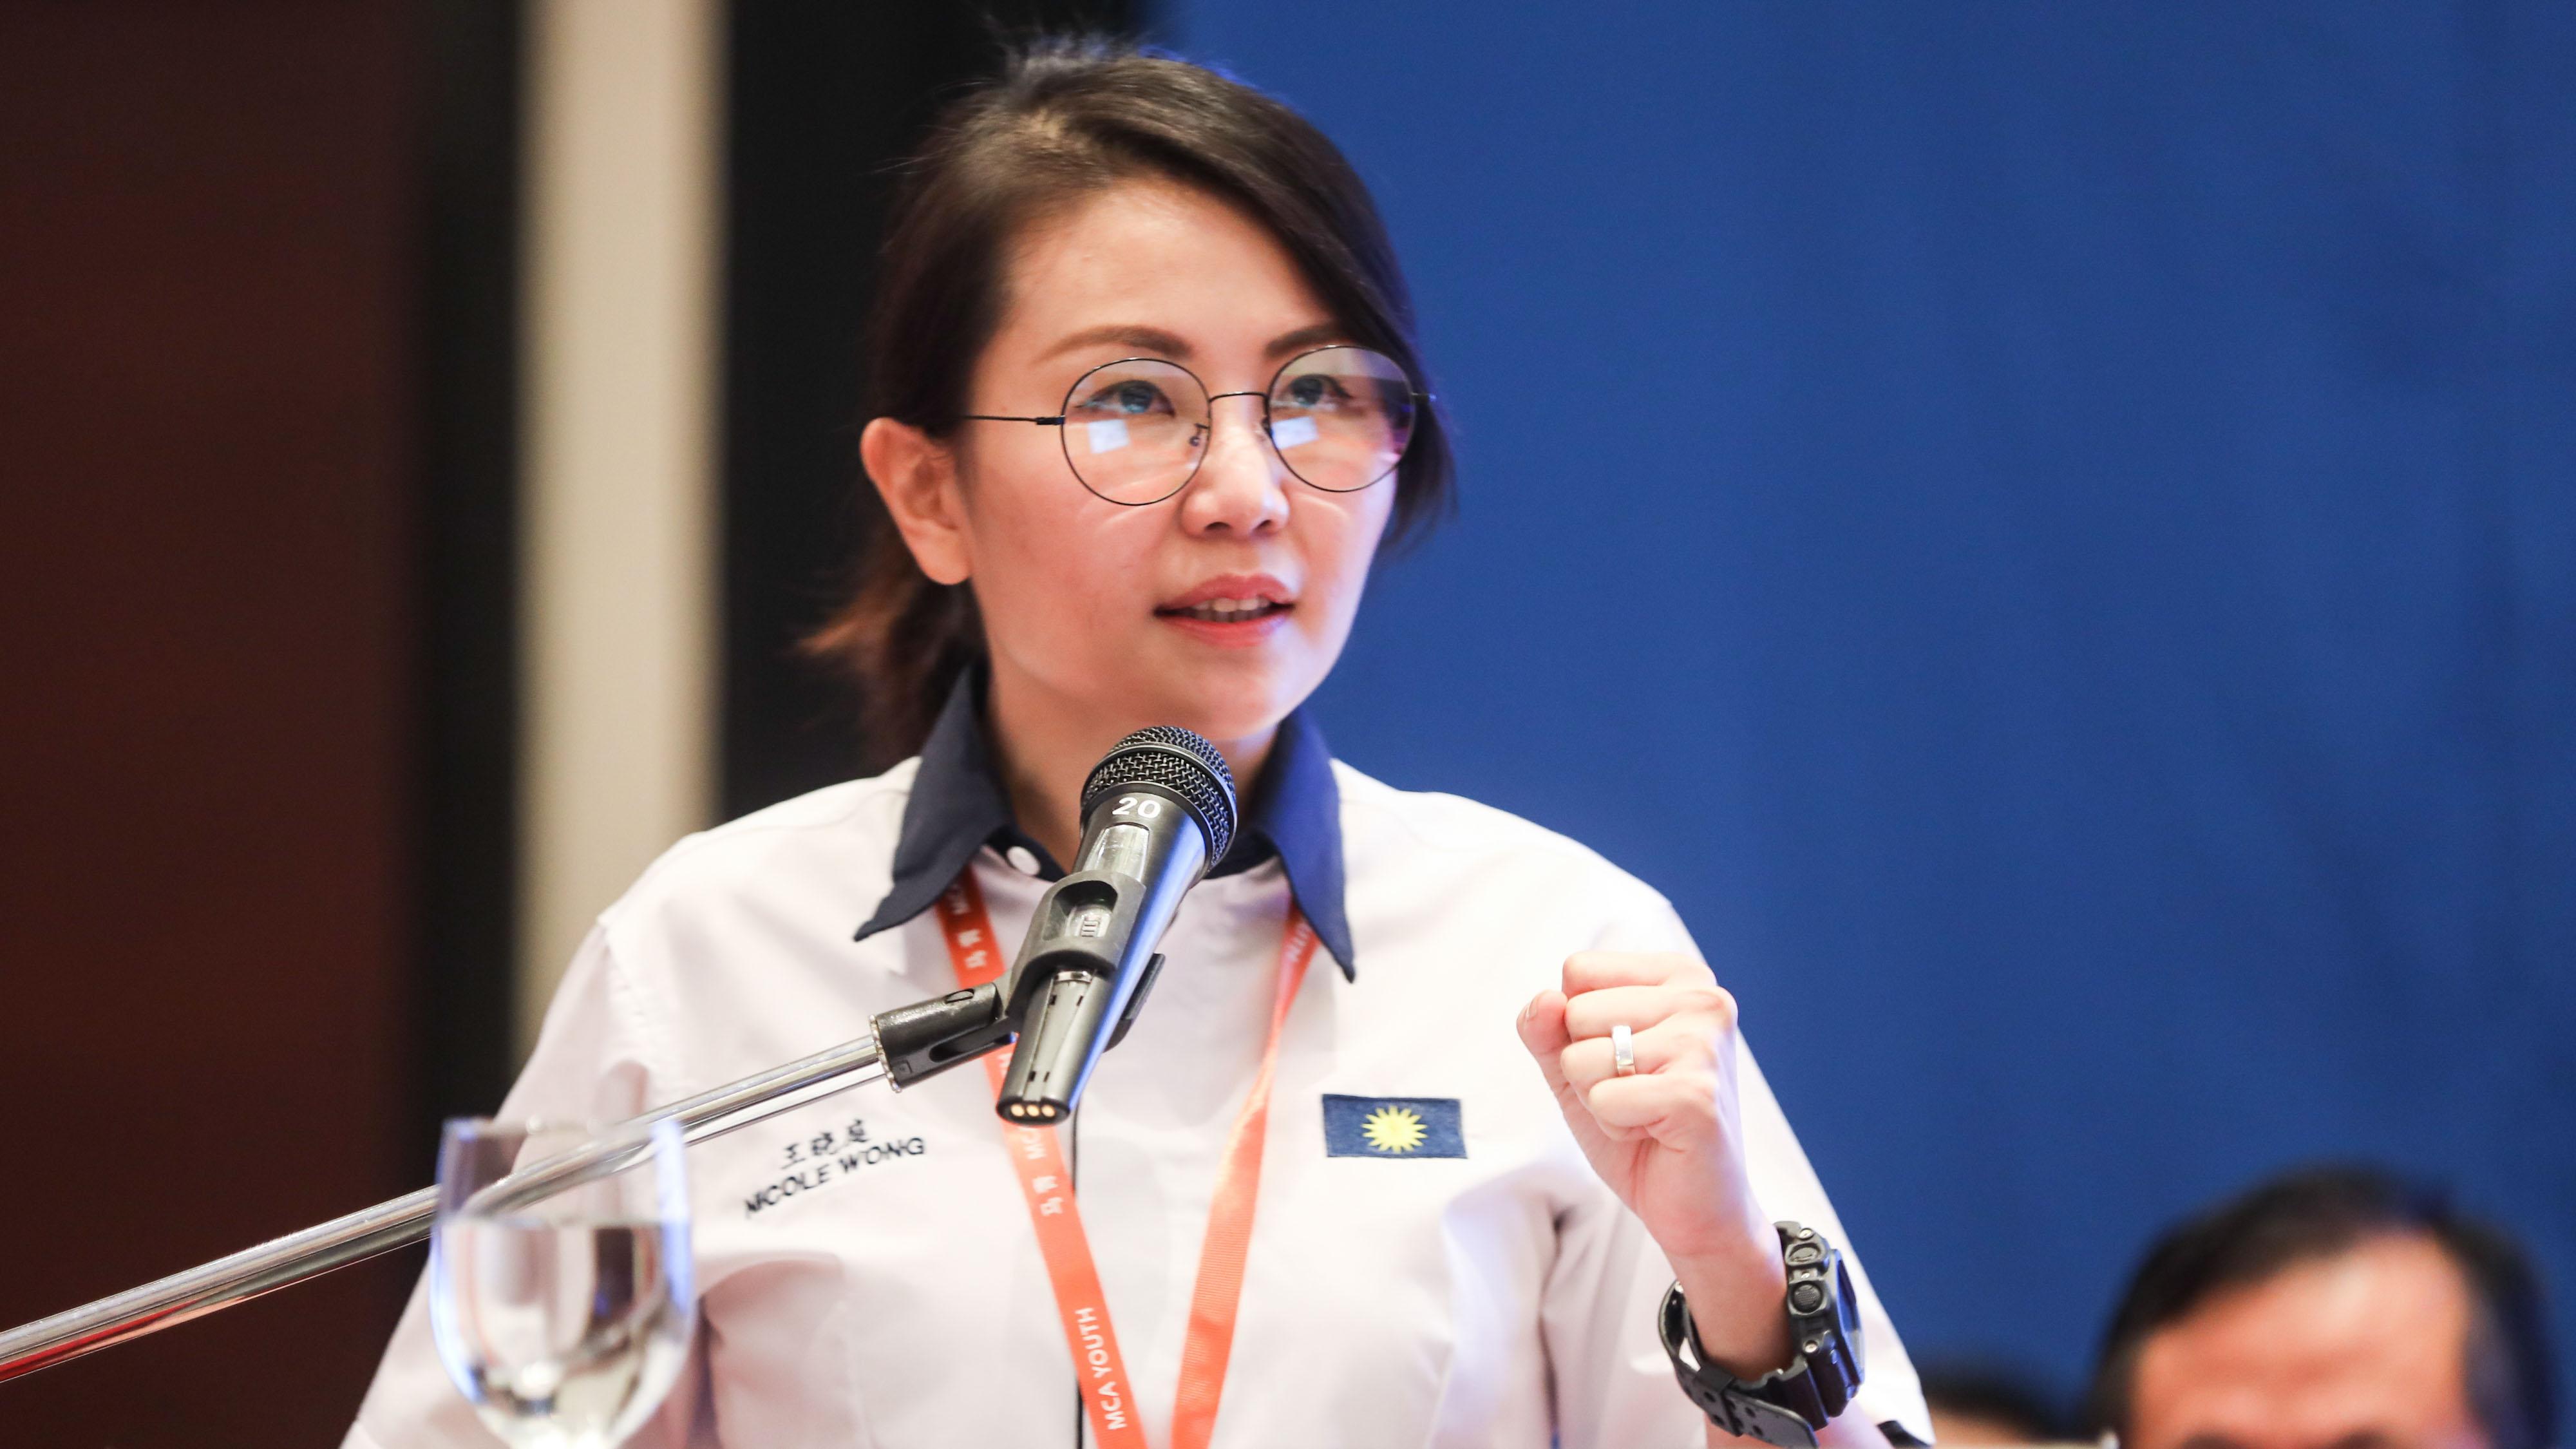 王晓庭说,除了吸引青年入党,还得教育青年有关政治的重要性。-档案照-